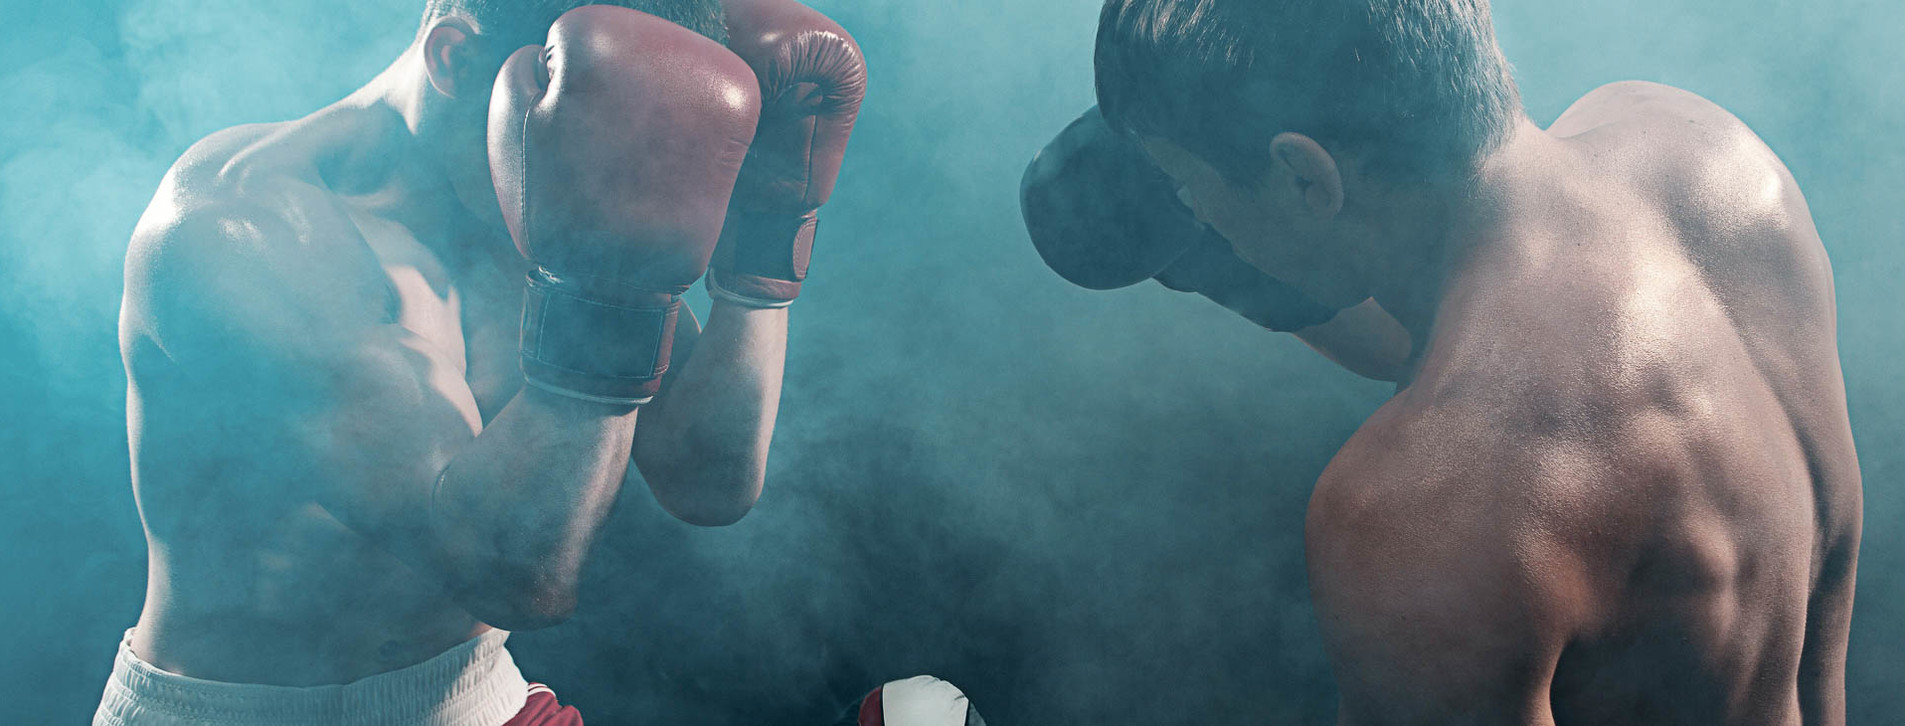 Фото 1 - Мастер-класс бокса для двоих